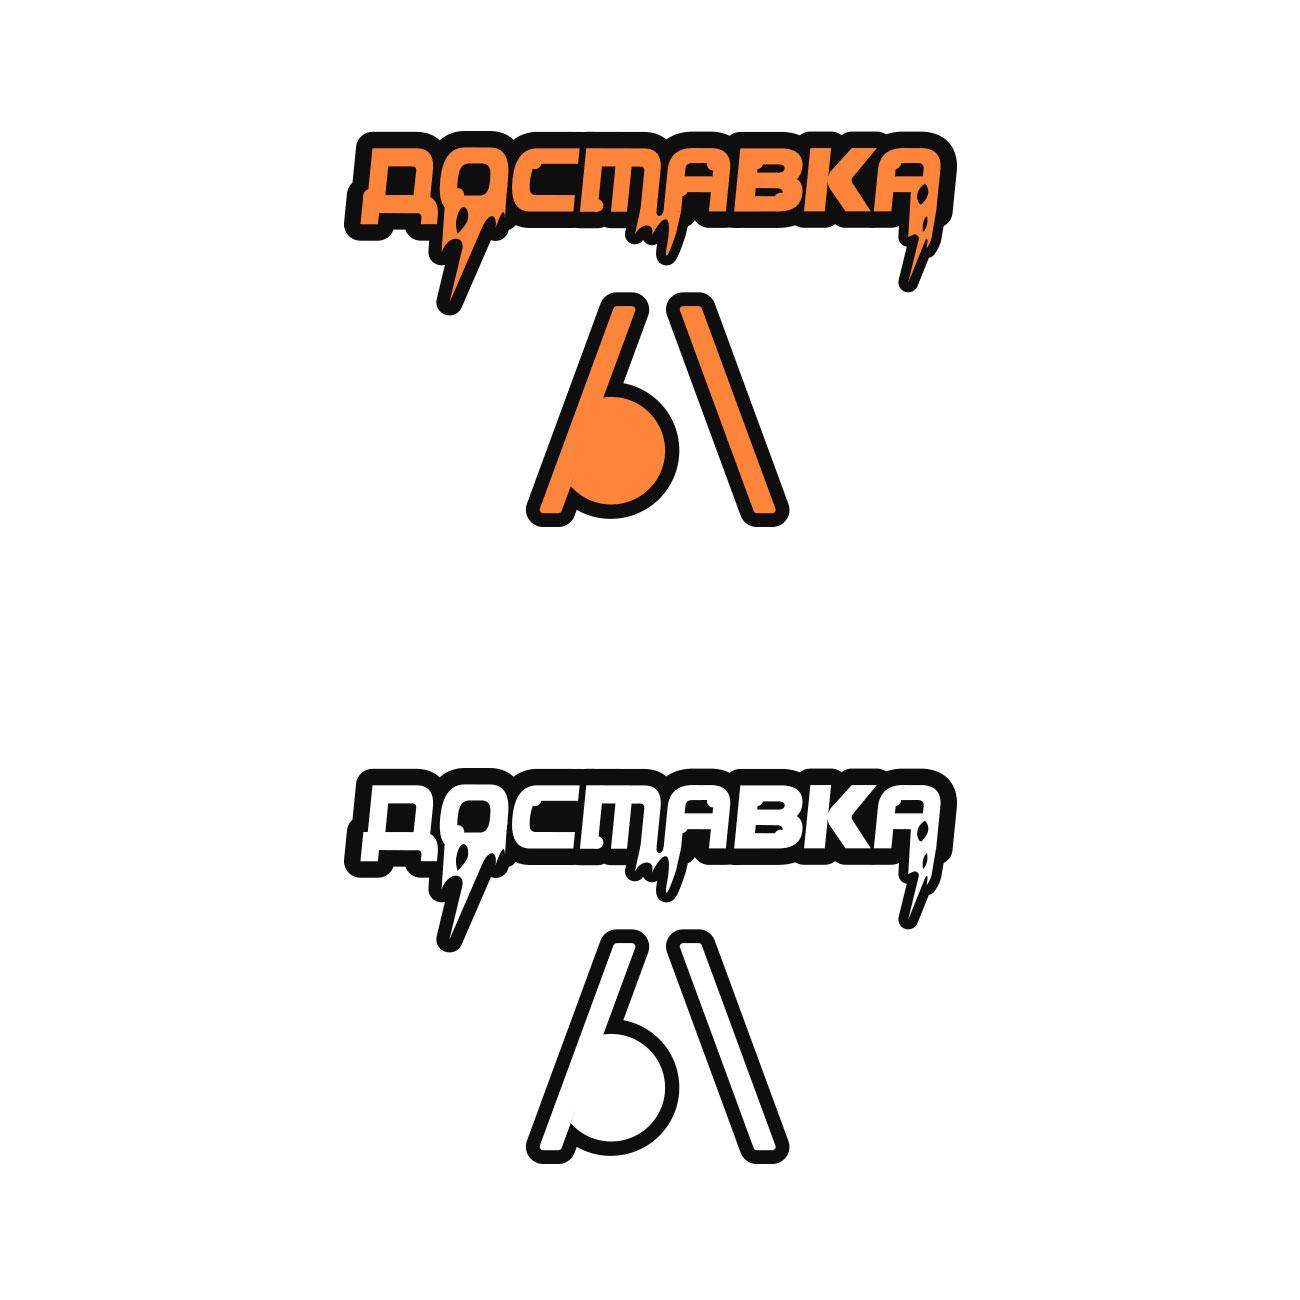 Разыскивается дизайнер для разработки лого службы доставки фото f_2165c3a27c57dea8.jpg